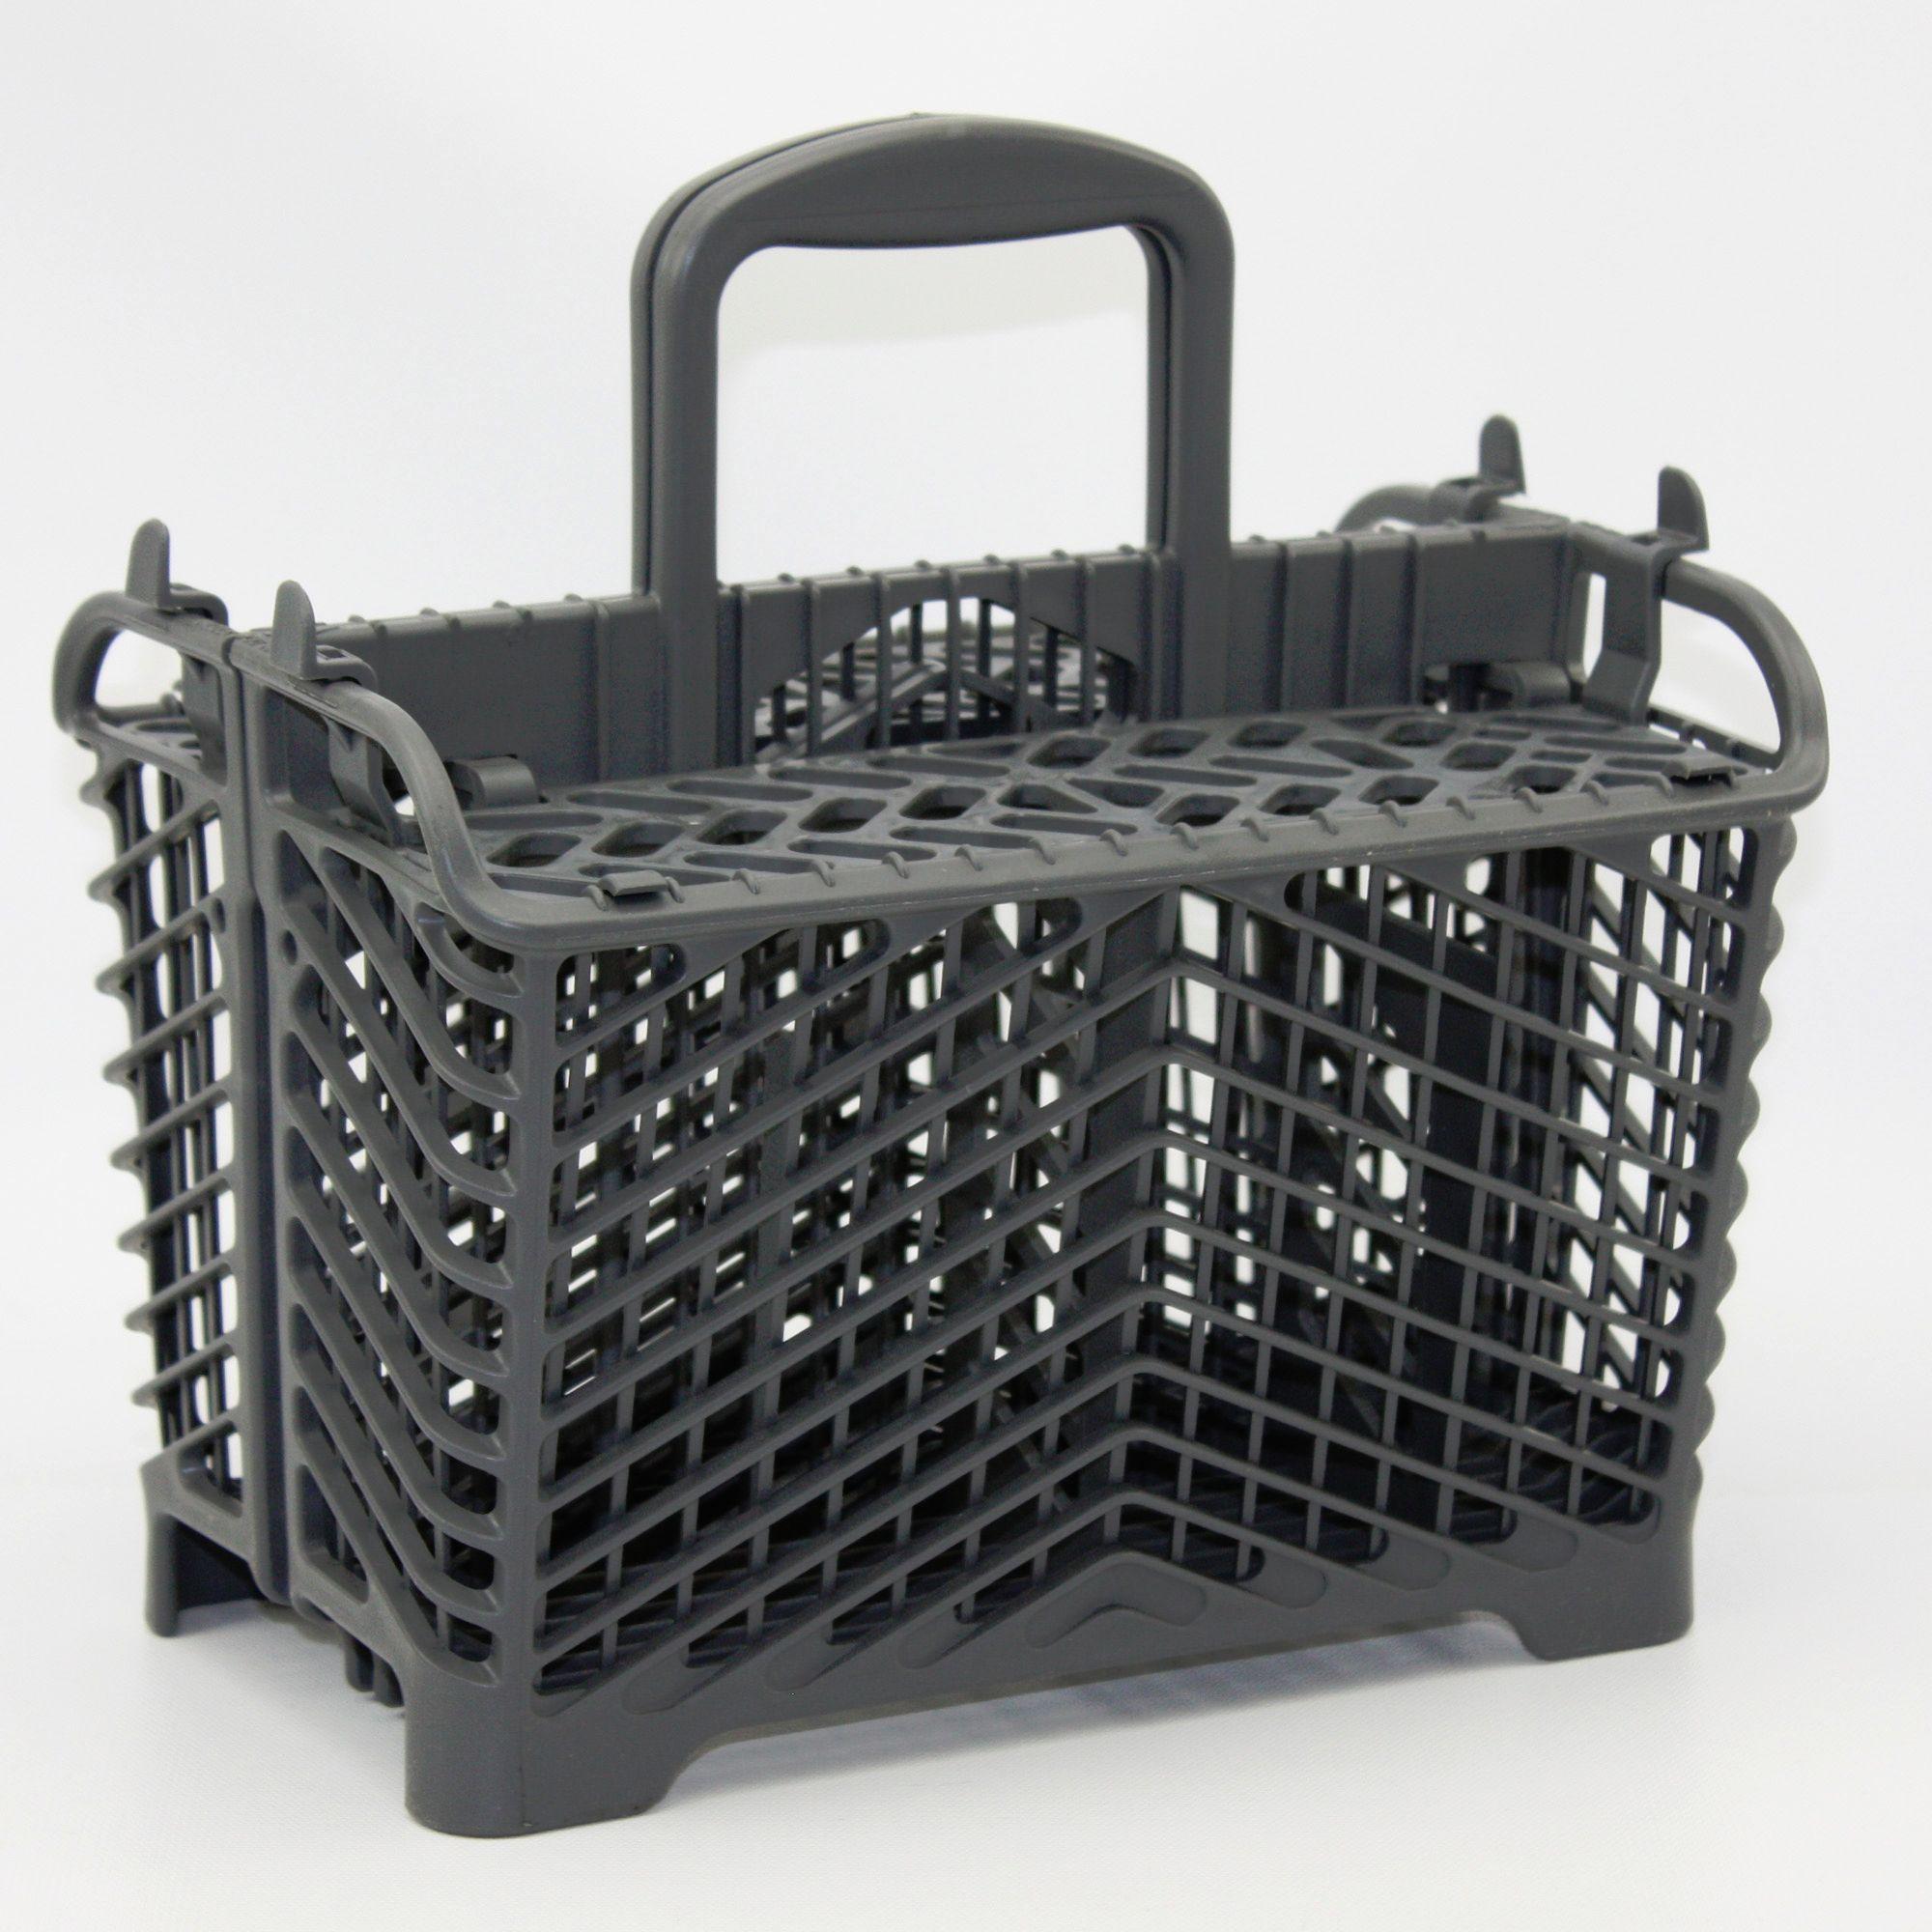 wp6 918873 for whirlpool dishwasher silverware basket. Black Bedroom Furniture Sets. Home Design Ideas